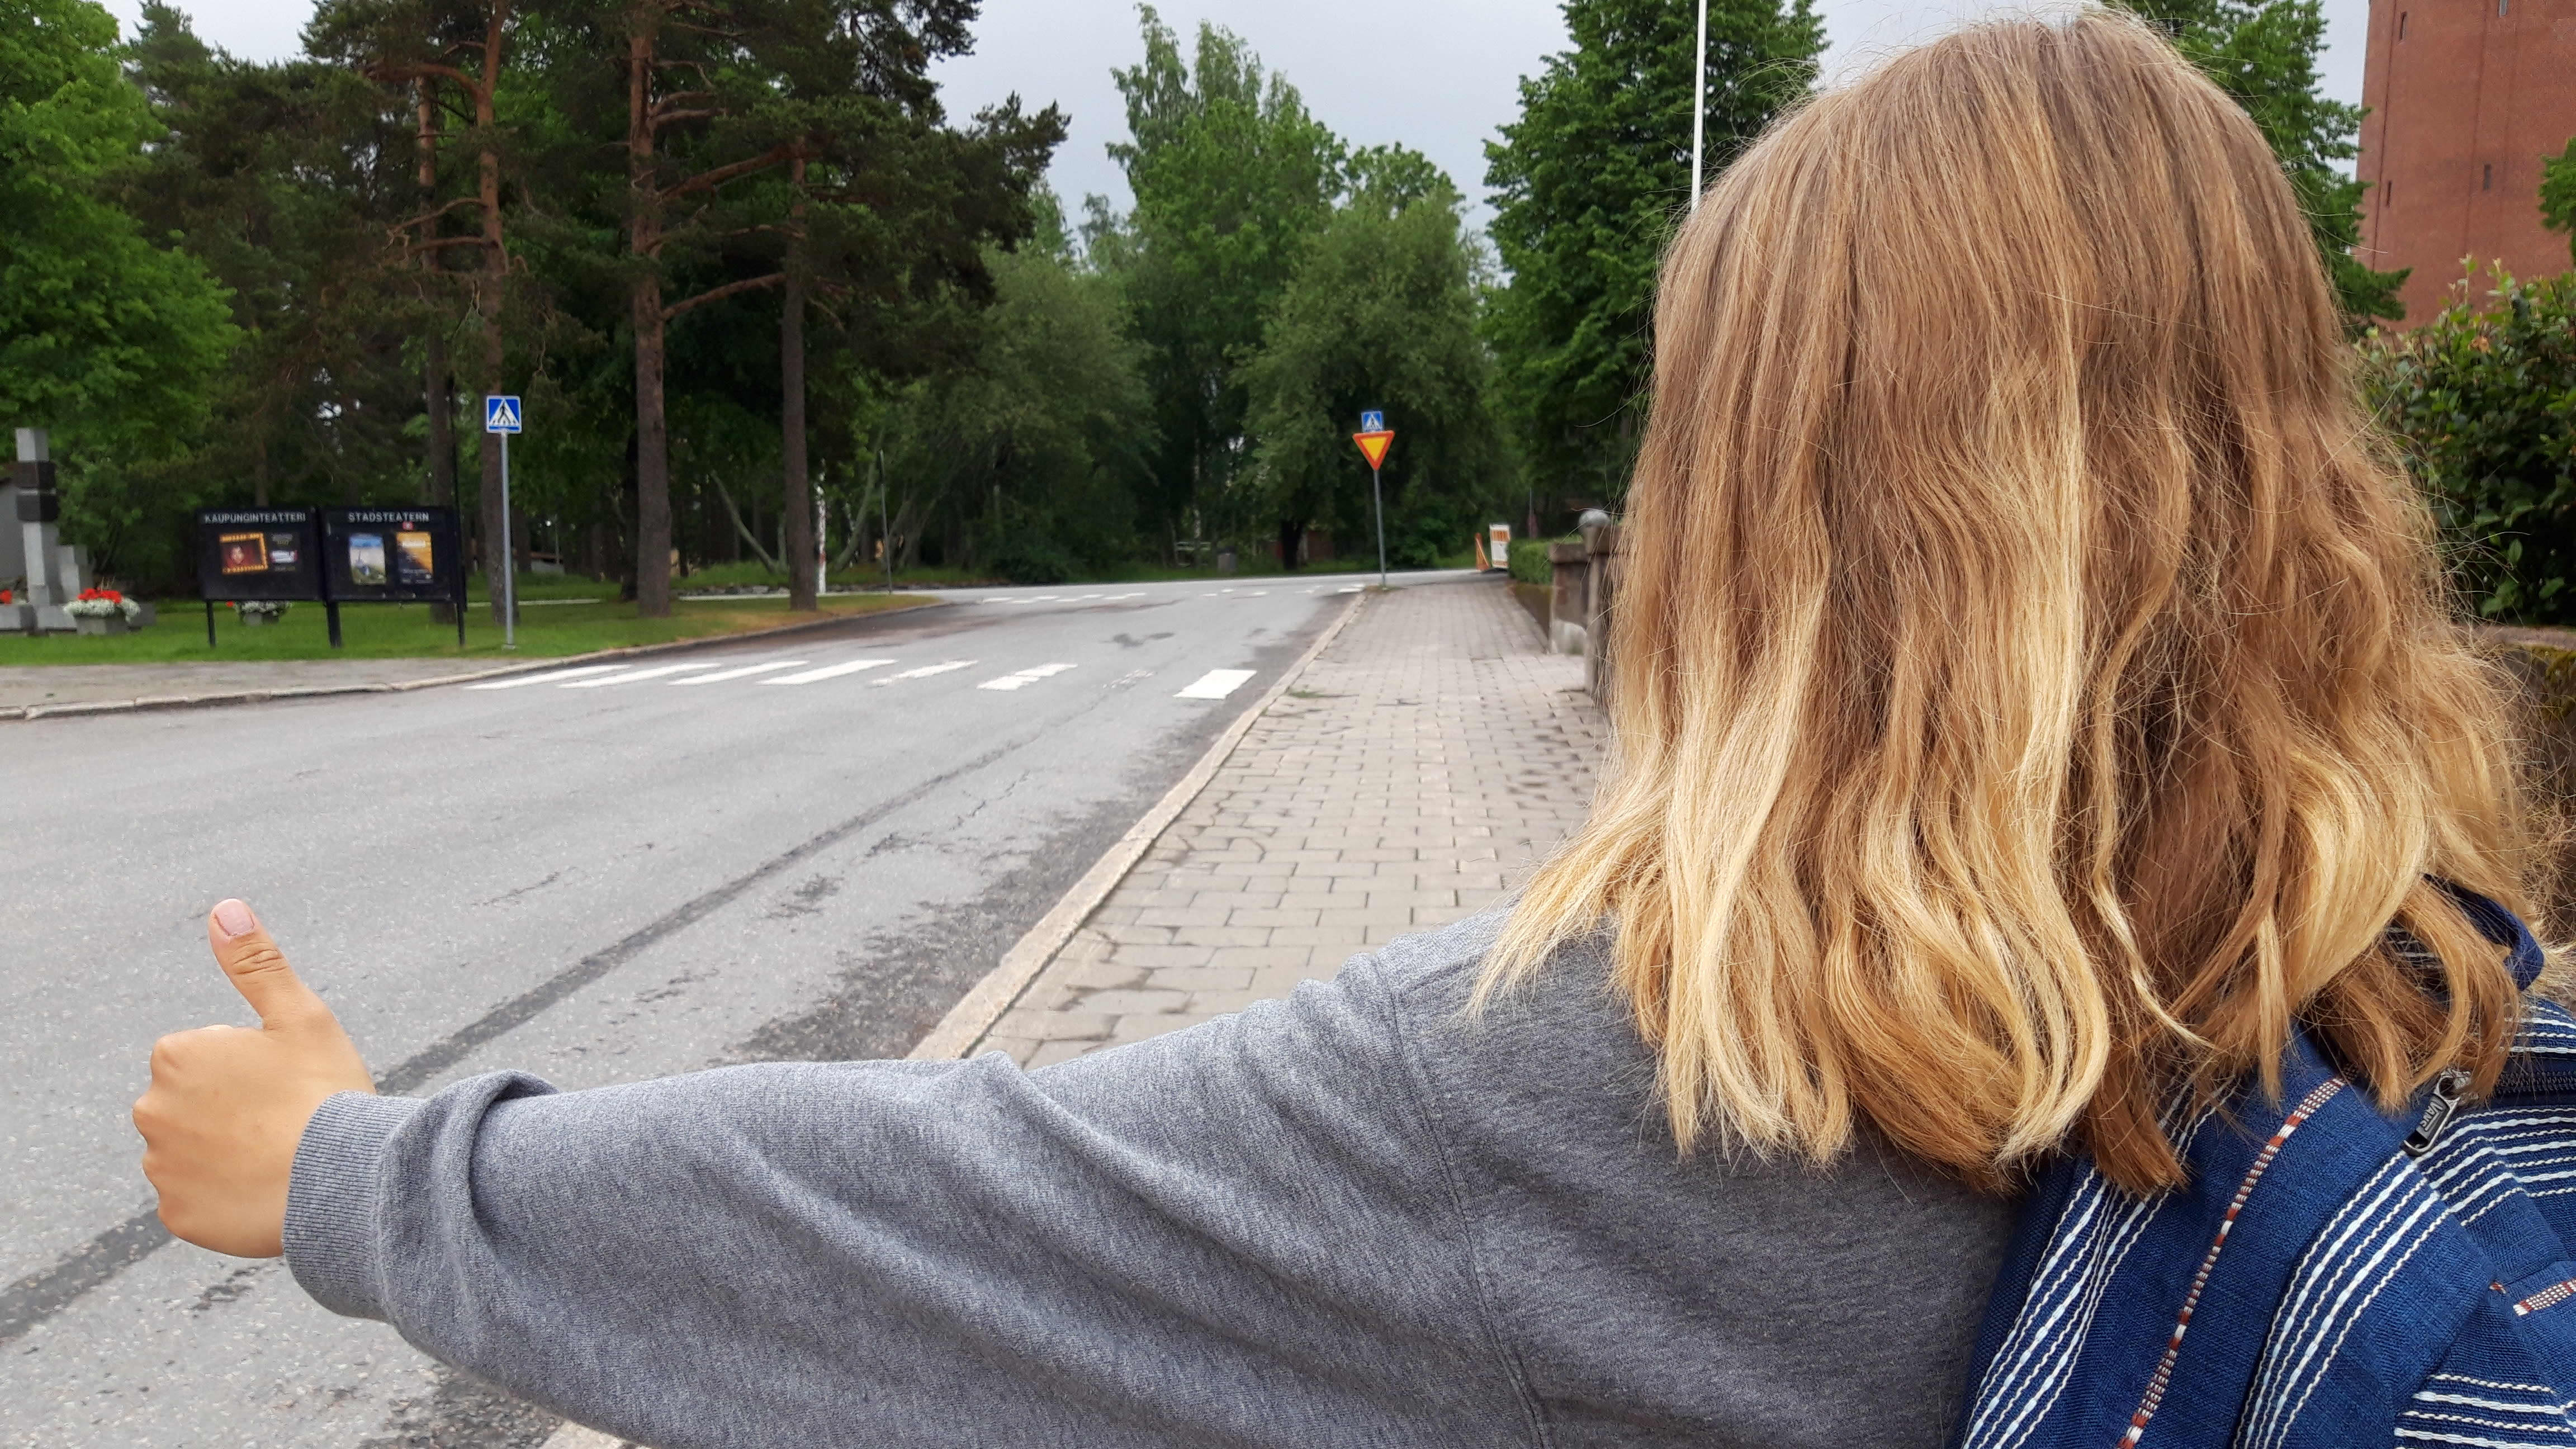 Selin oleva tyttö liftaa kadun reunassa.